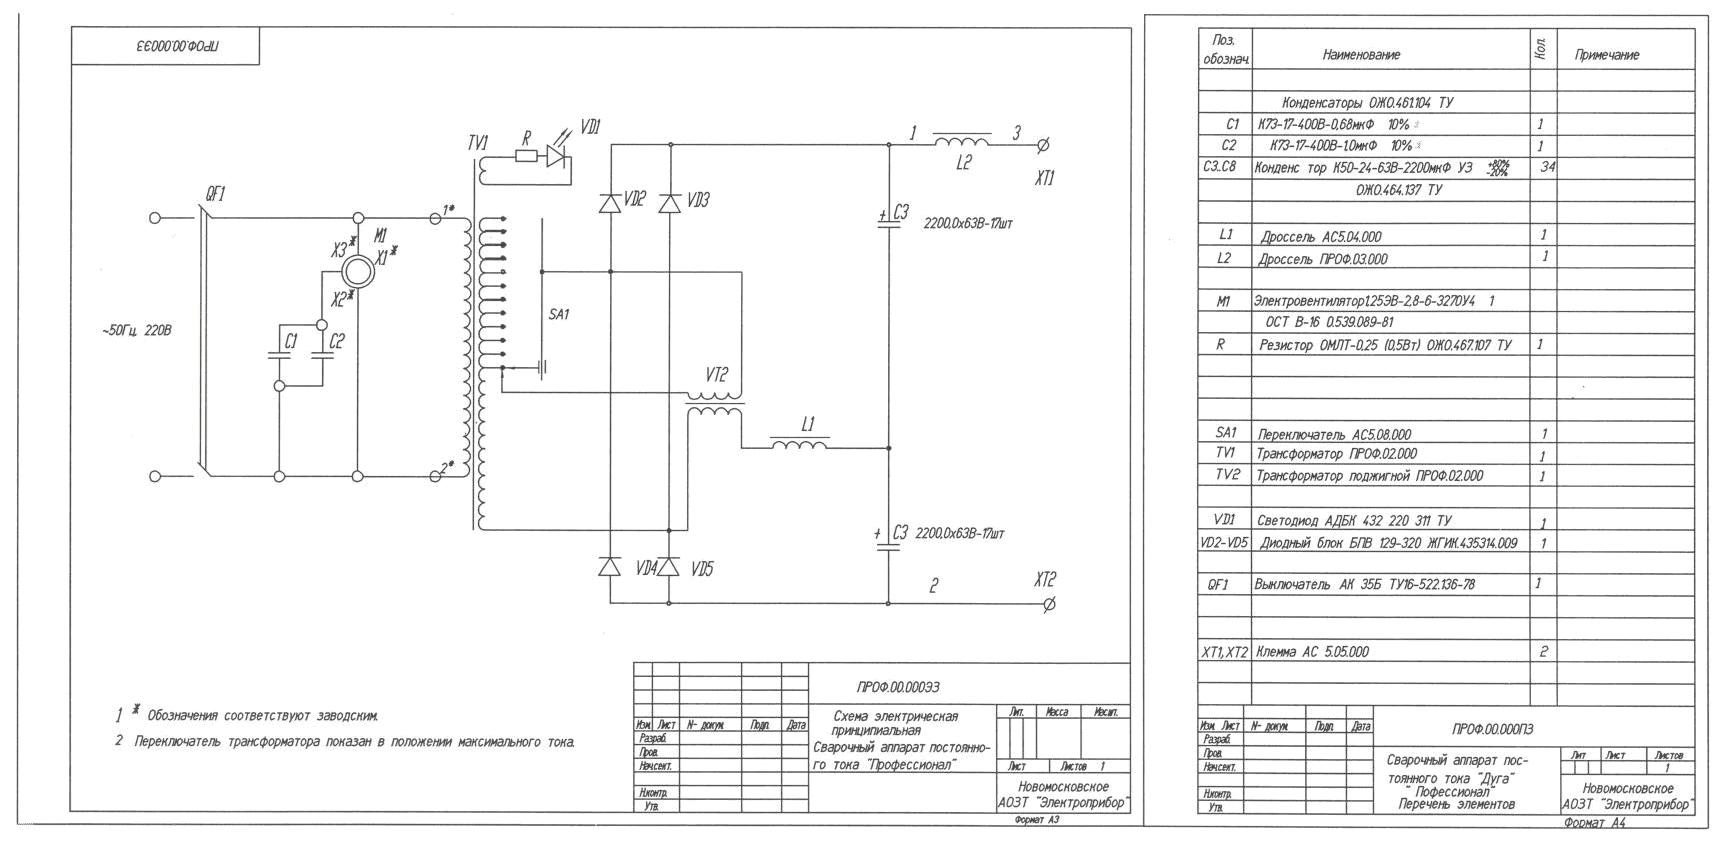 Условные обозначения в электрических схемах: графические и буквенные по 47